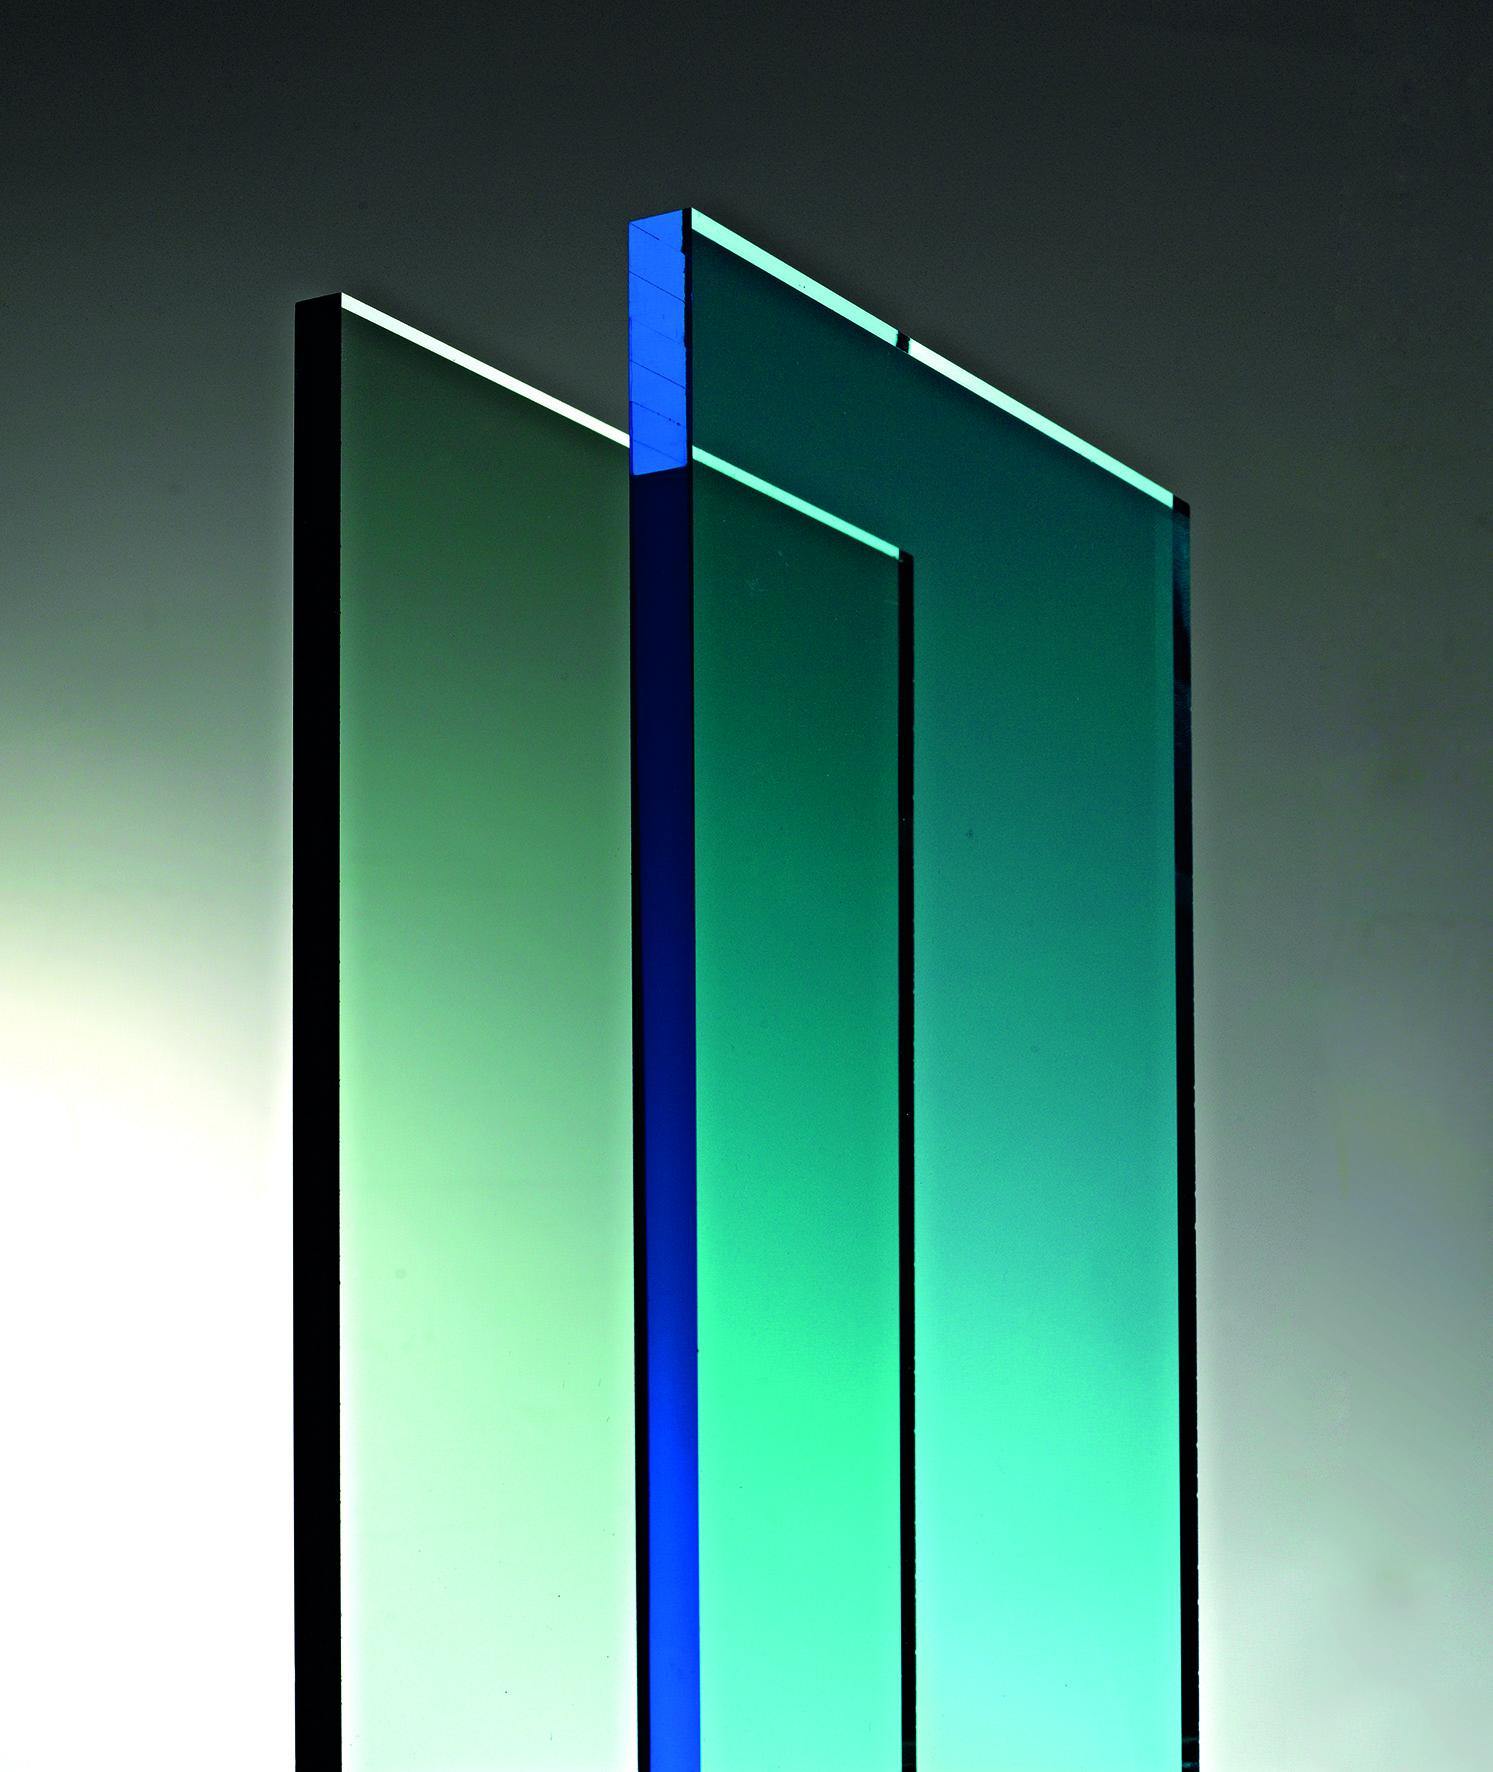 Crylux Panneaux En Verre Acrylique Coulé 3a Composites E Visions